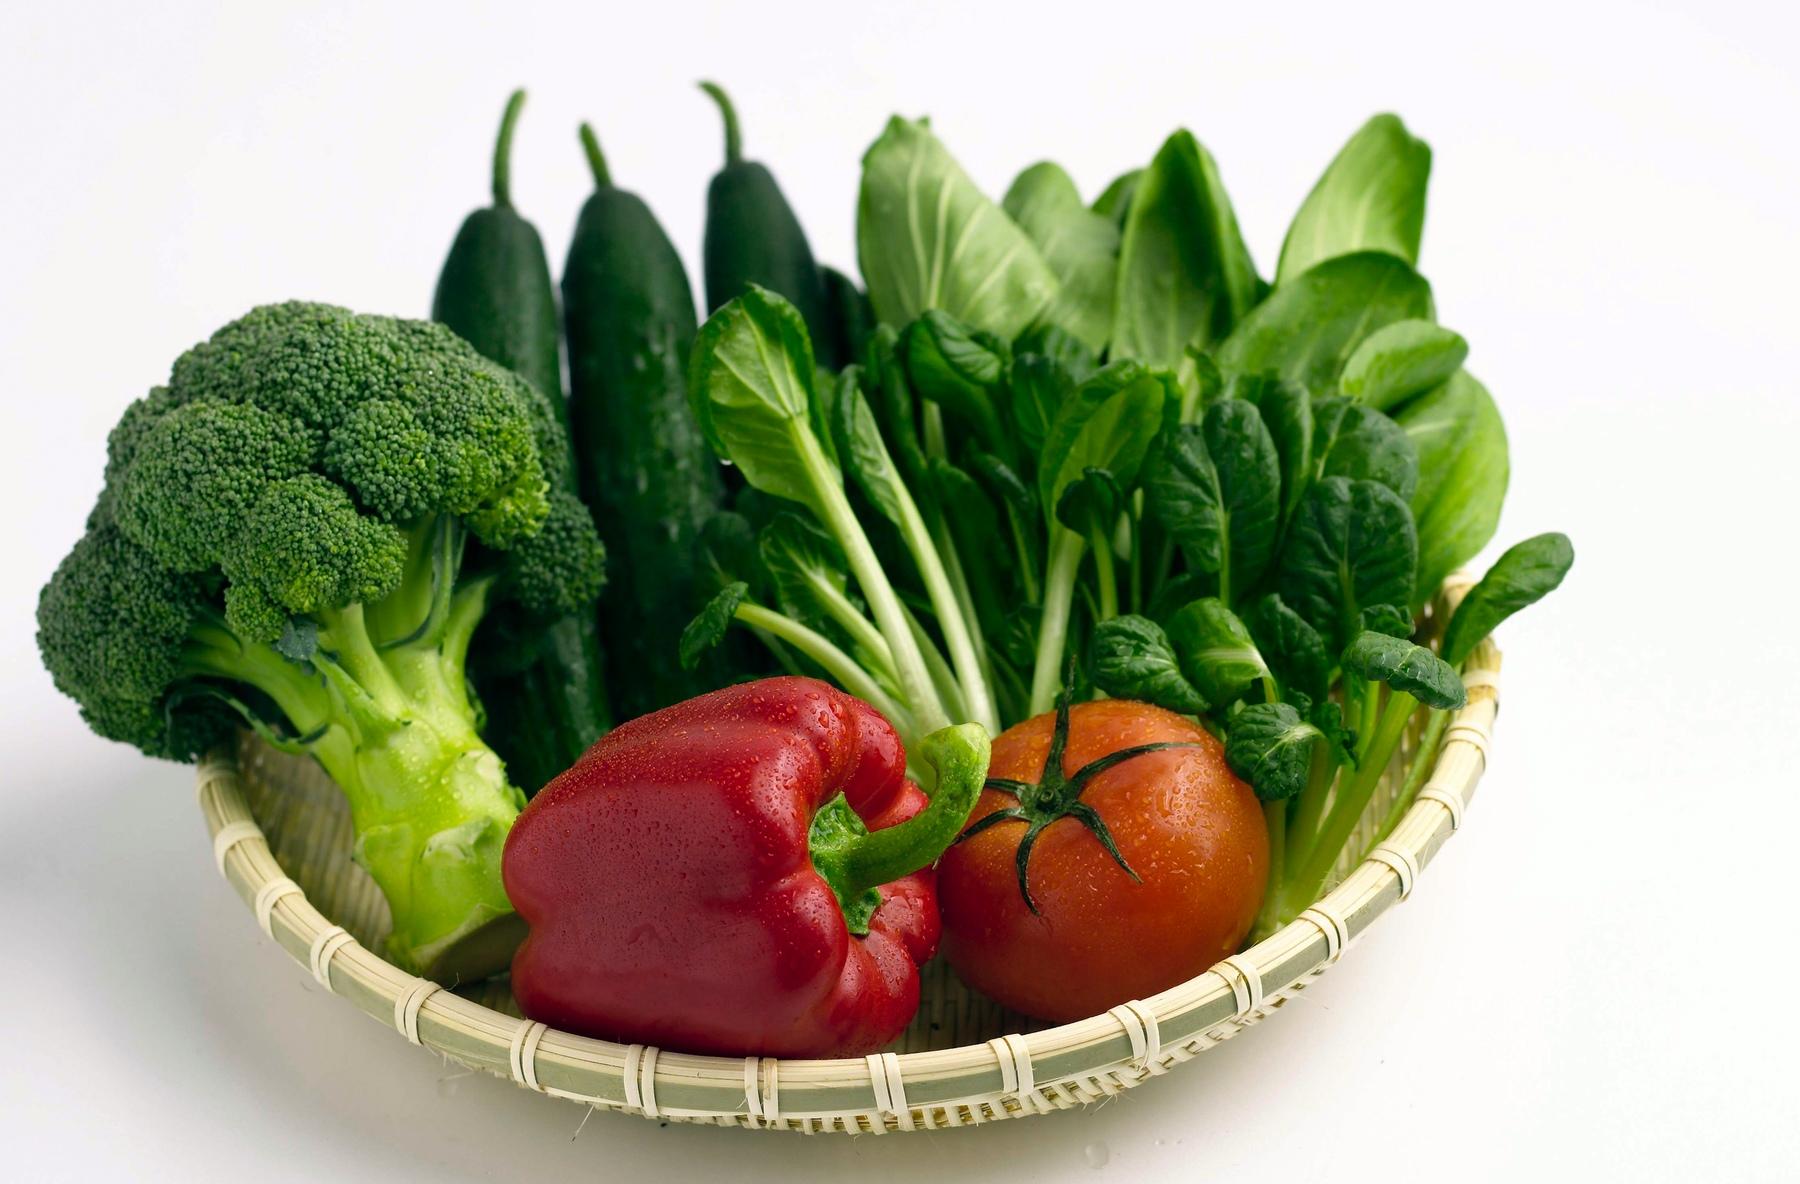 Vegetais como legumes, verduras, frutas, hortaliças e algas concentram fitonutrientes e antioxidantes que protegem o organismo contra danos relacionados ao estresse, as doenças e o envelhecimento. (Créditos: diabetes.info.com)